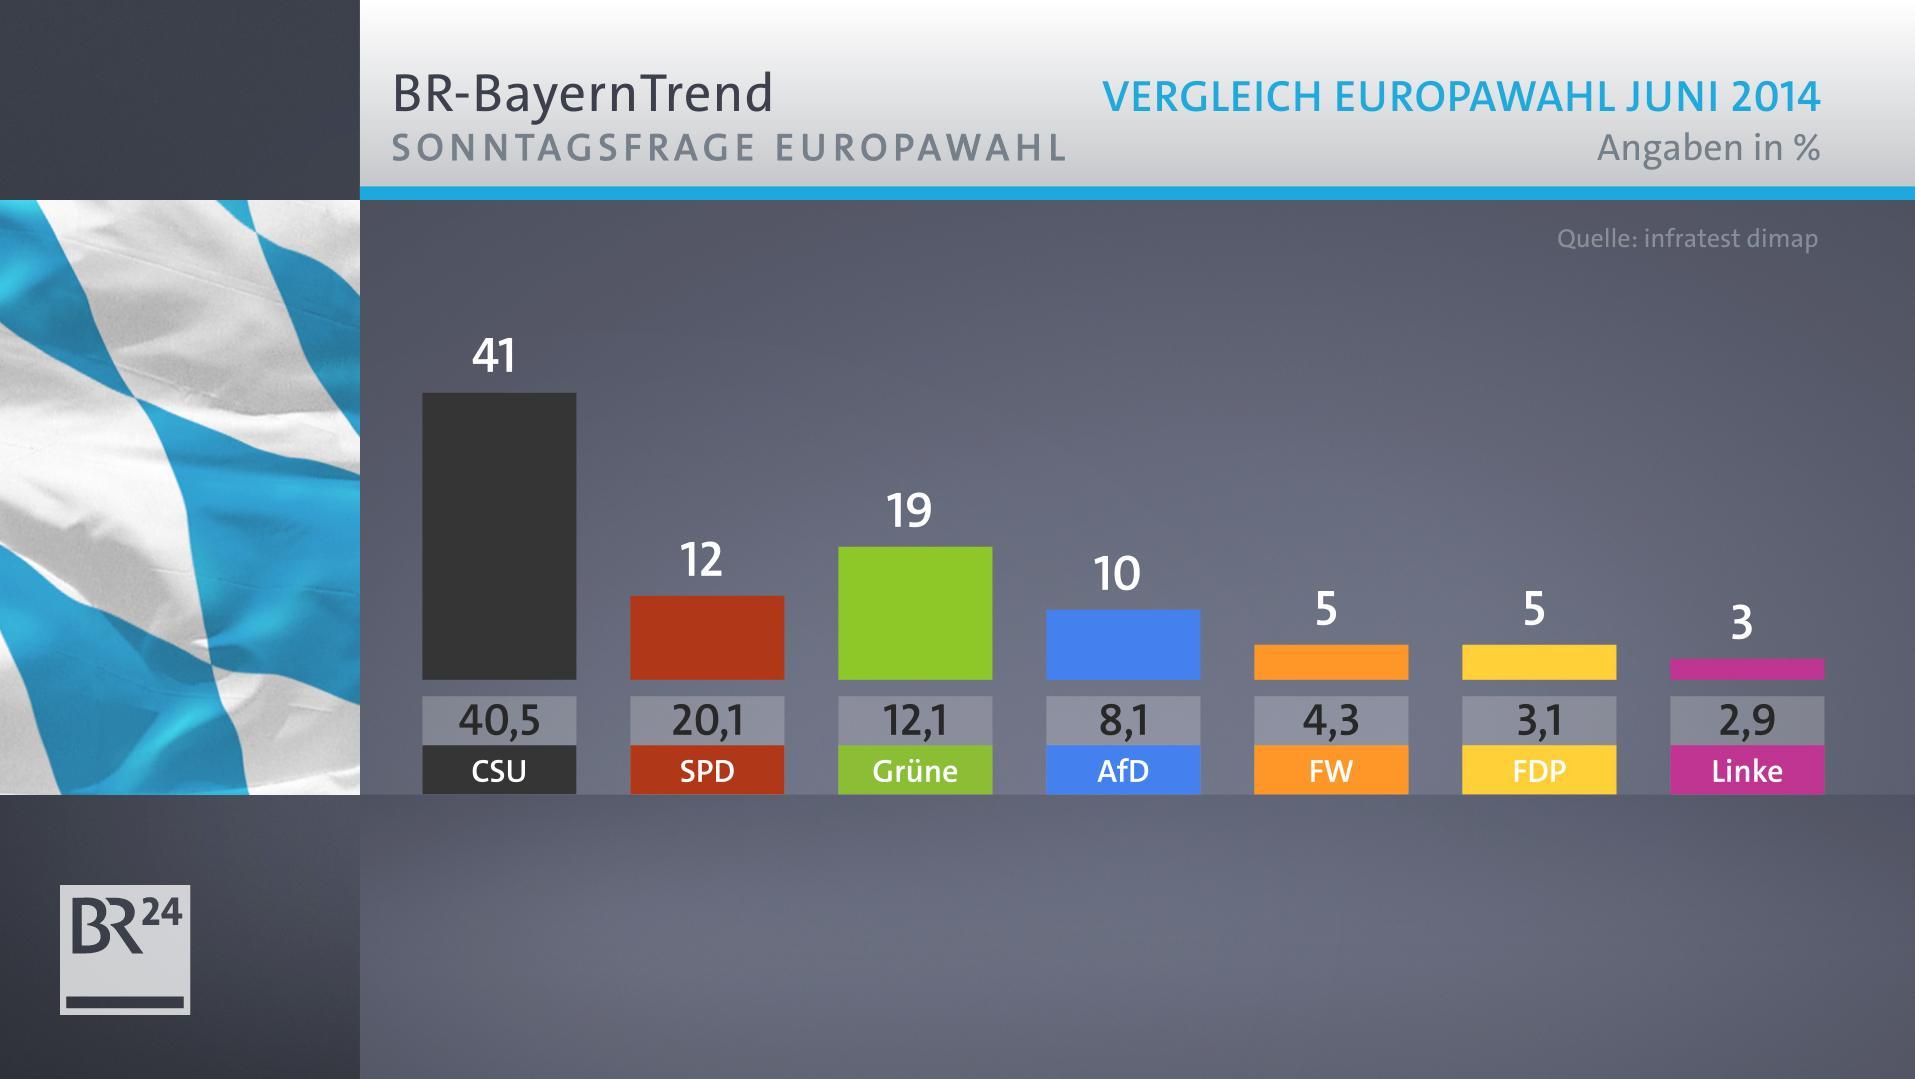 BR-BayernTrend zur Europawahl - CSU bei 41 Prozent